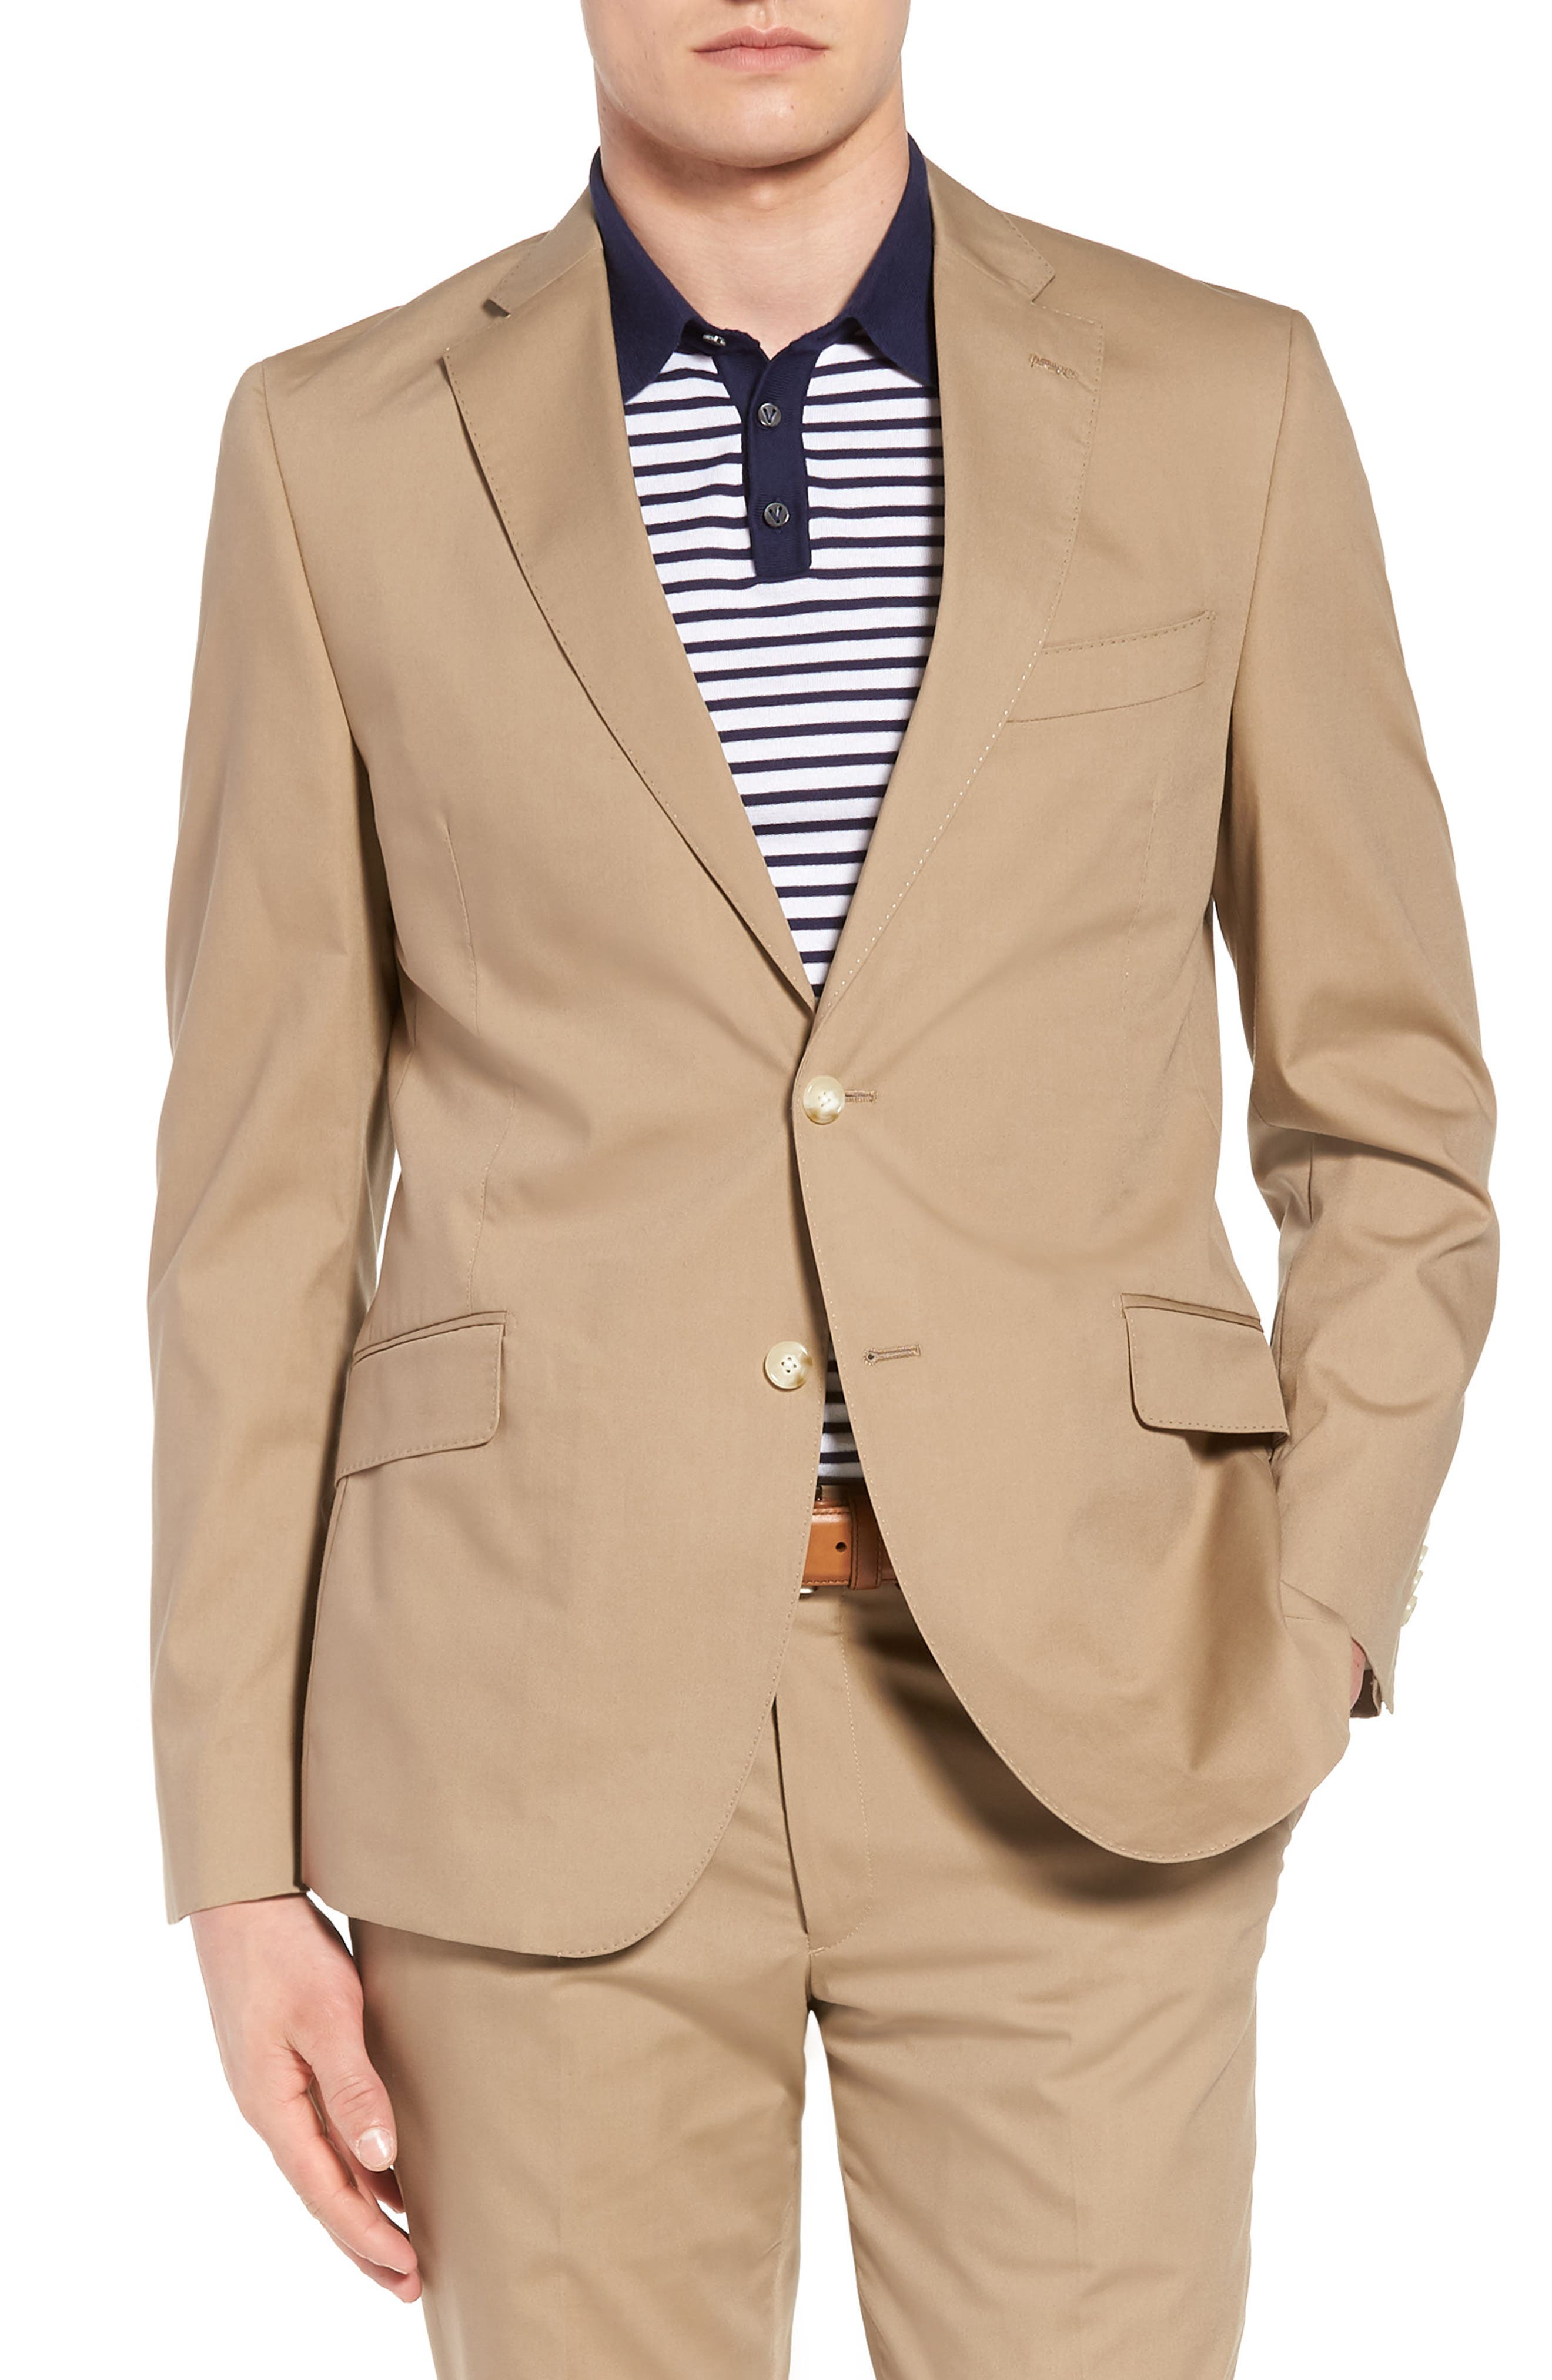 Irons AIM Classic Fit Solid Cotton Blend Suit,                             Alternate thumbnail 5, color,                             252